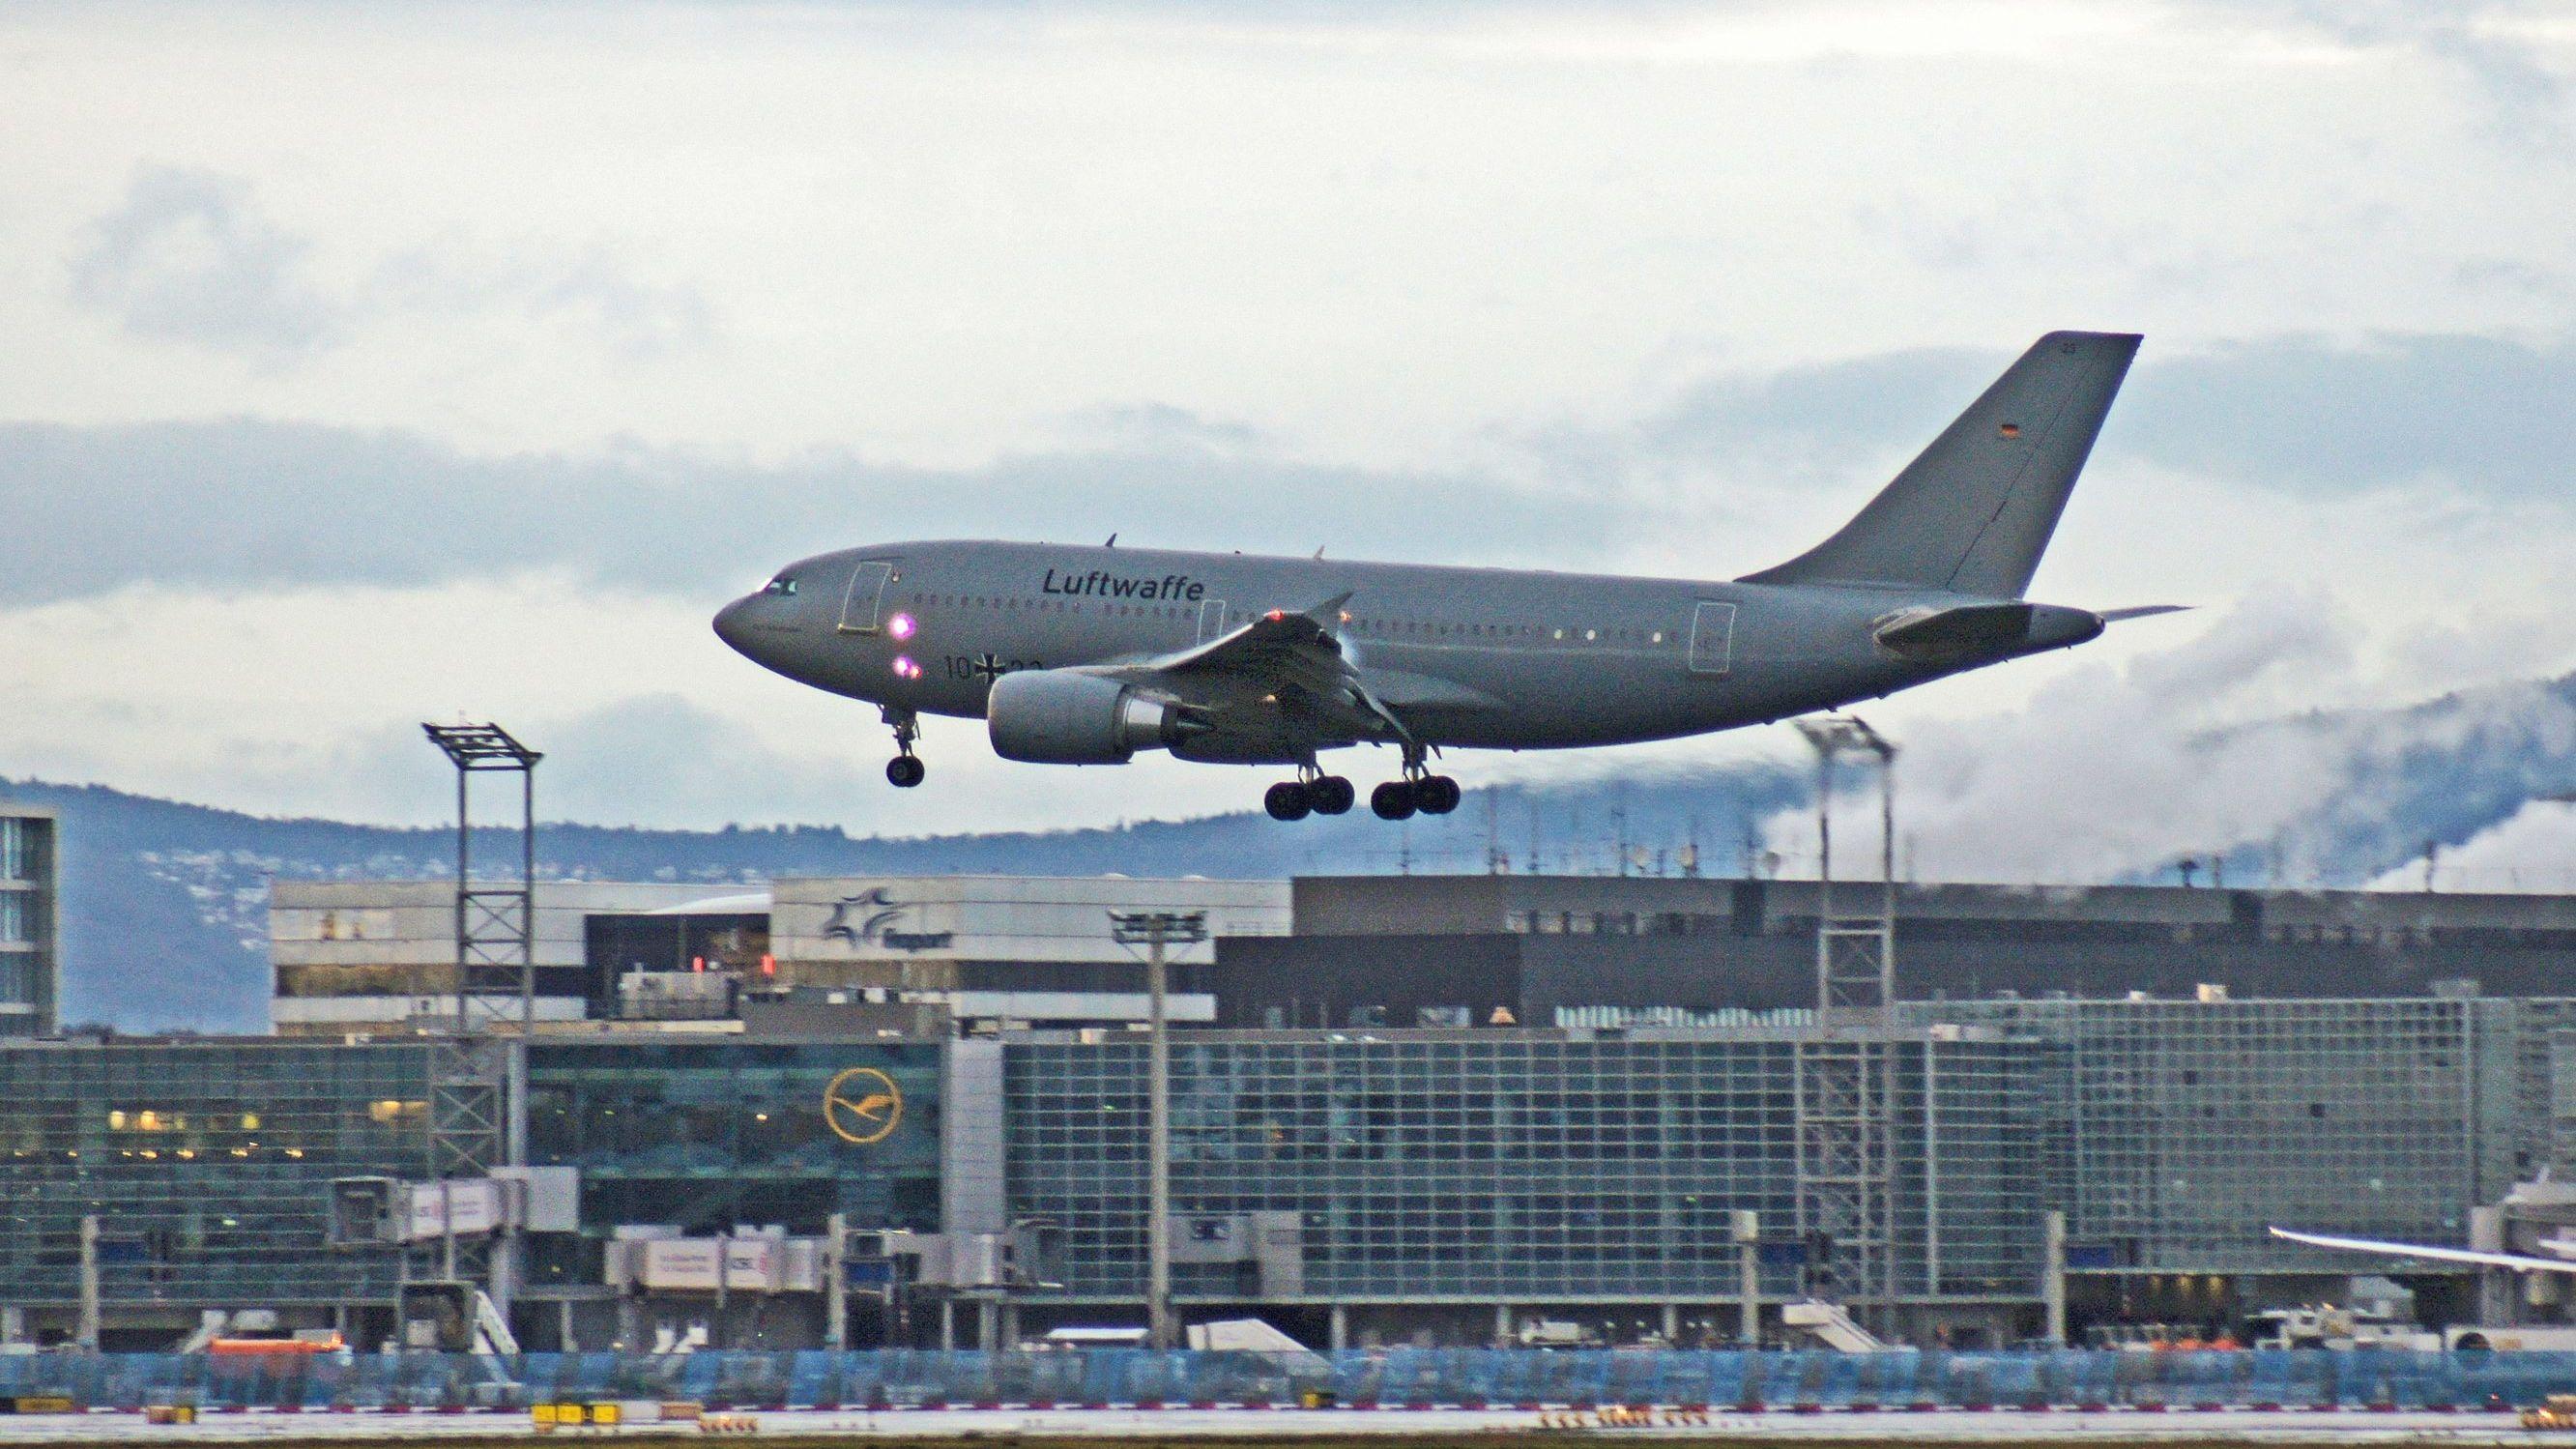 Ein Flugzeug der Luftwaffe bei einer Rückholungsaktion